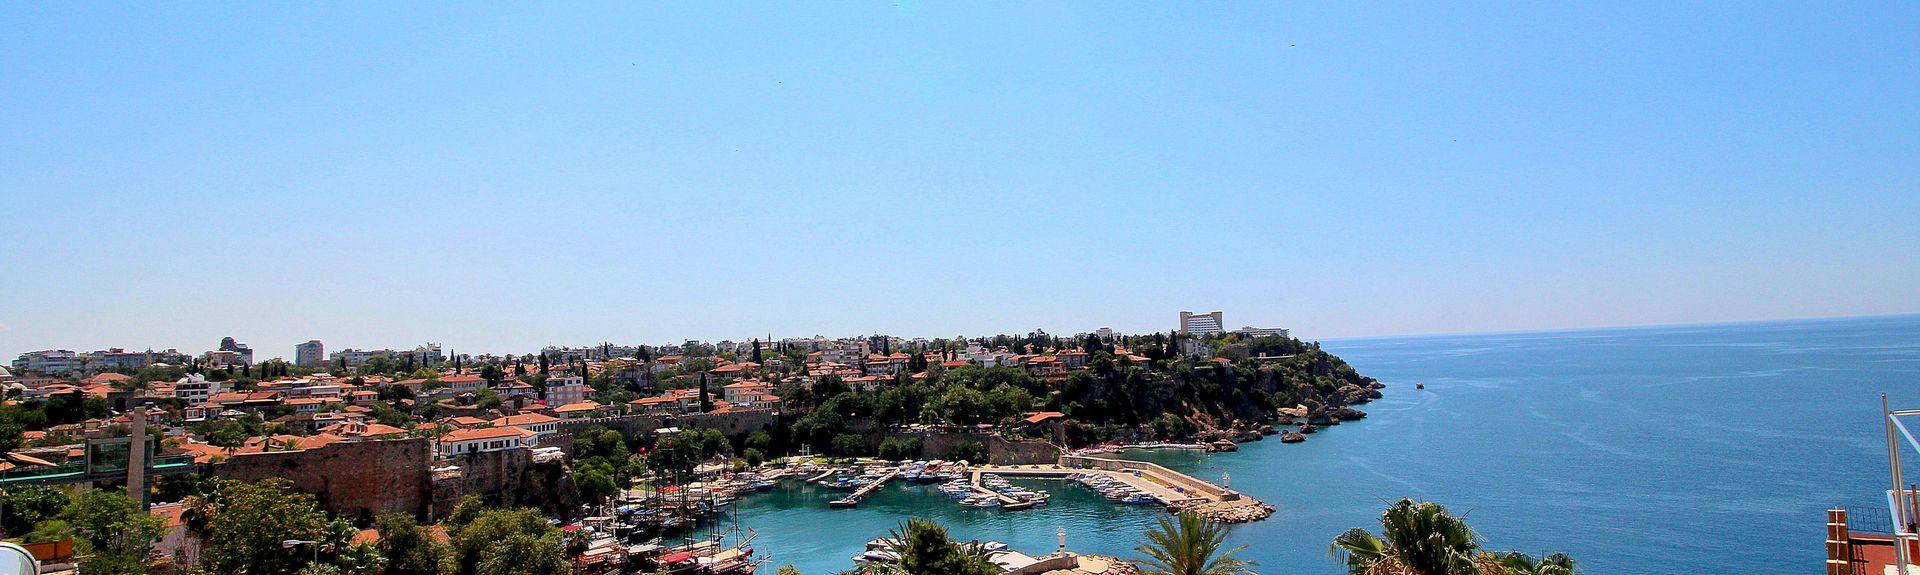 Döşemealtı, Antalyan maakunta, Turkki